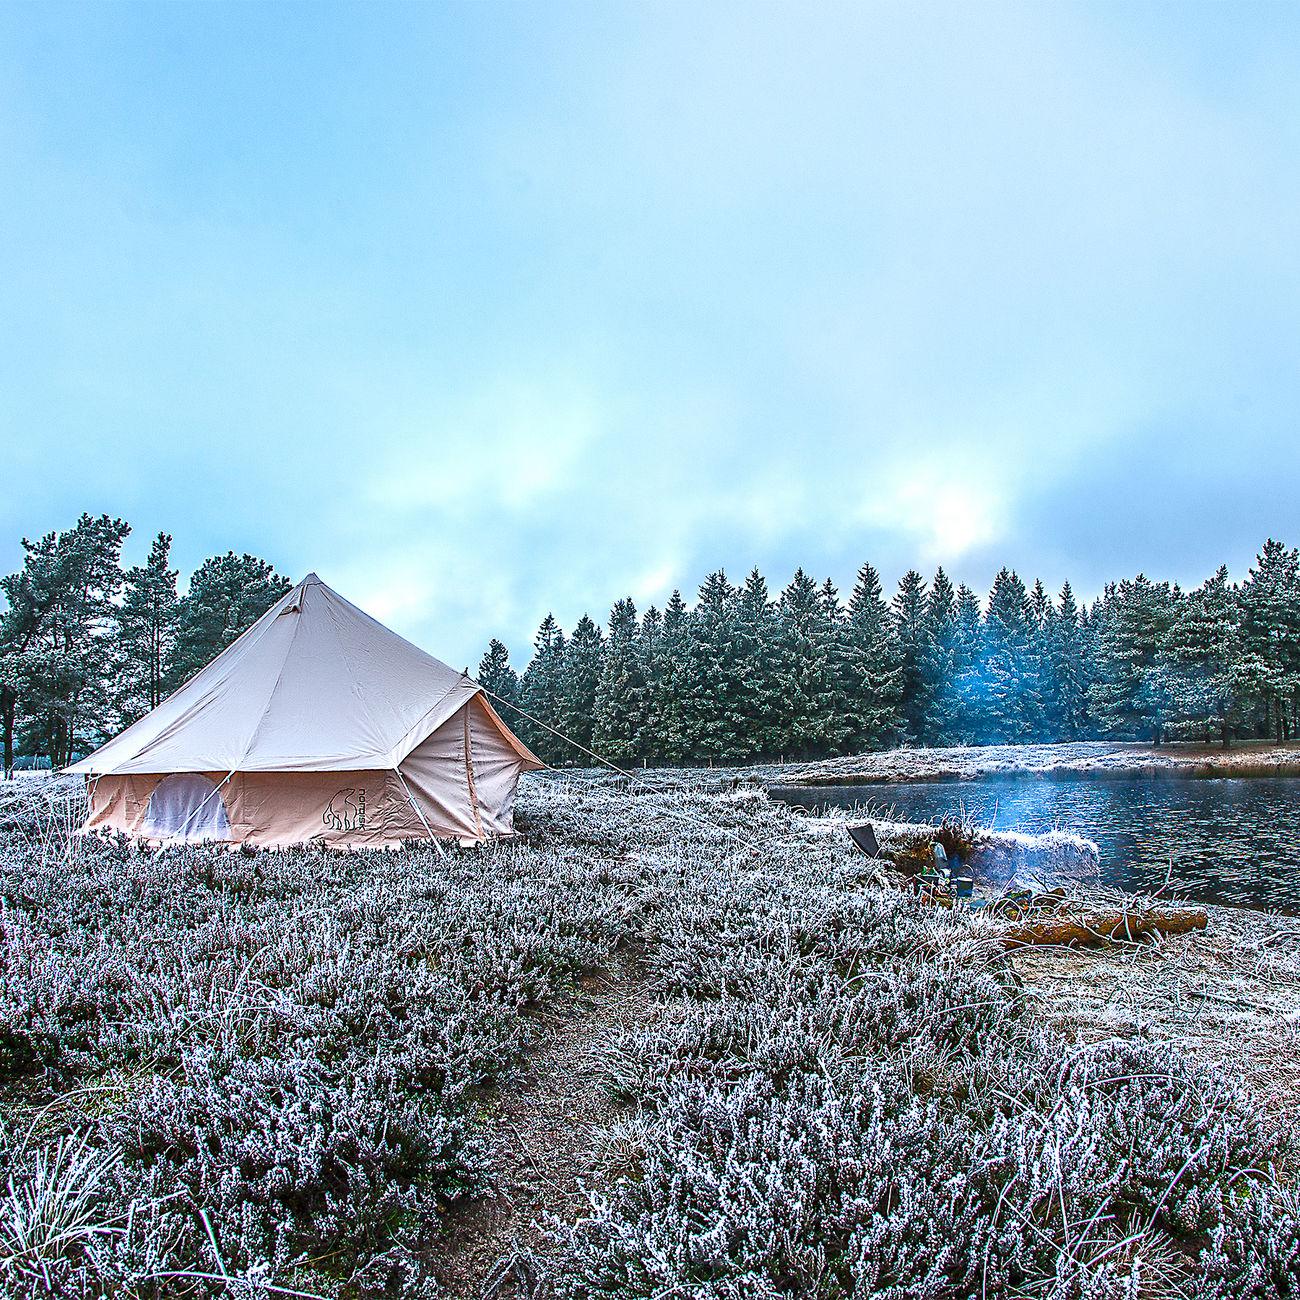 nordisk baumwollzelt asgard 7 1 f r 3 personen g nstig kaufen kotte zeller. Black Bedroom Furniture Sets. Home Design Ideas